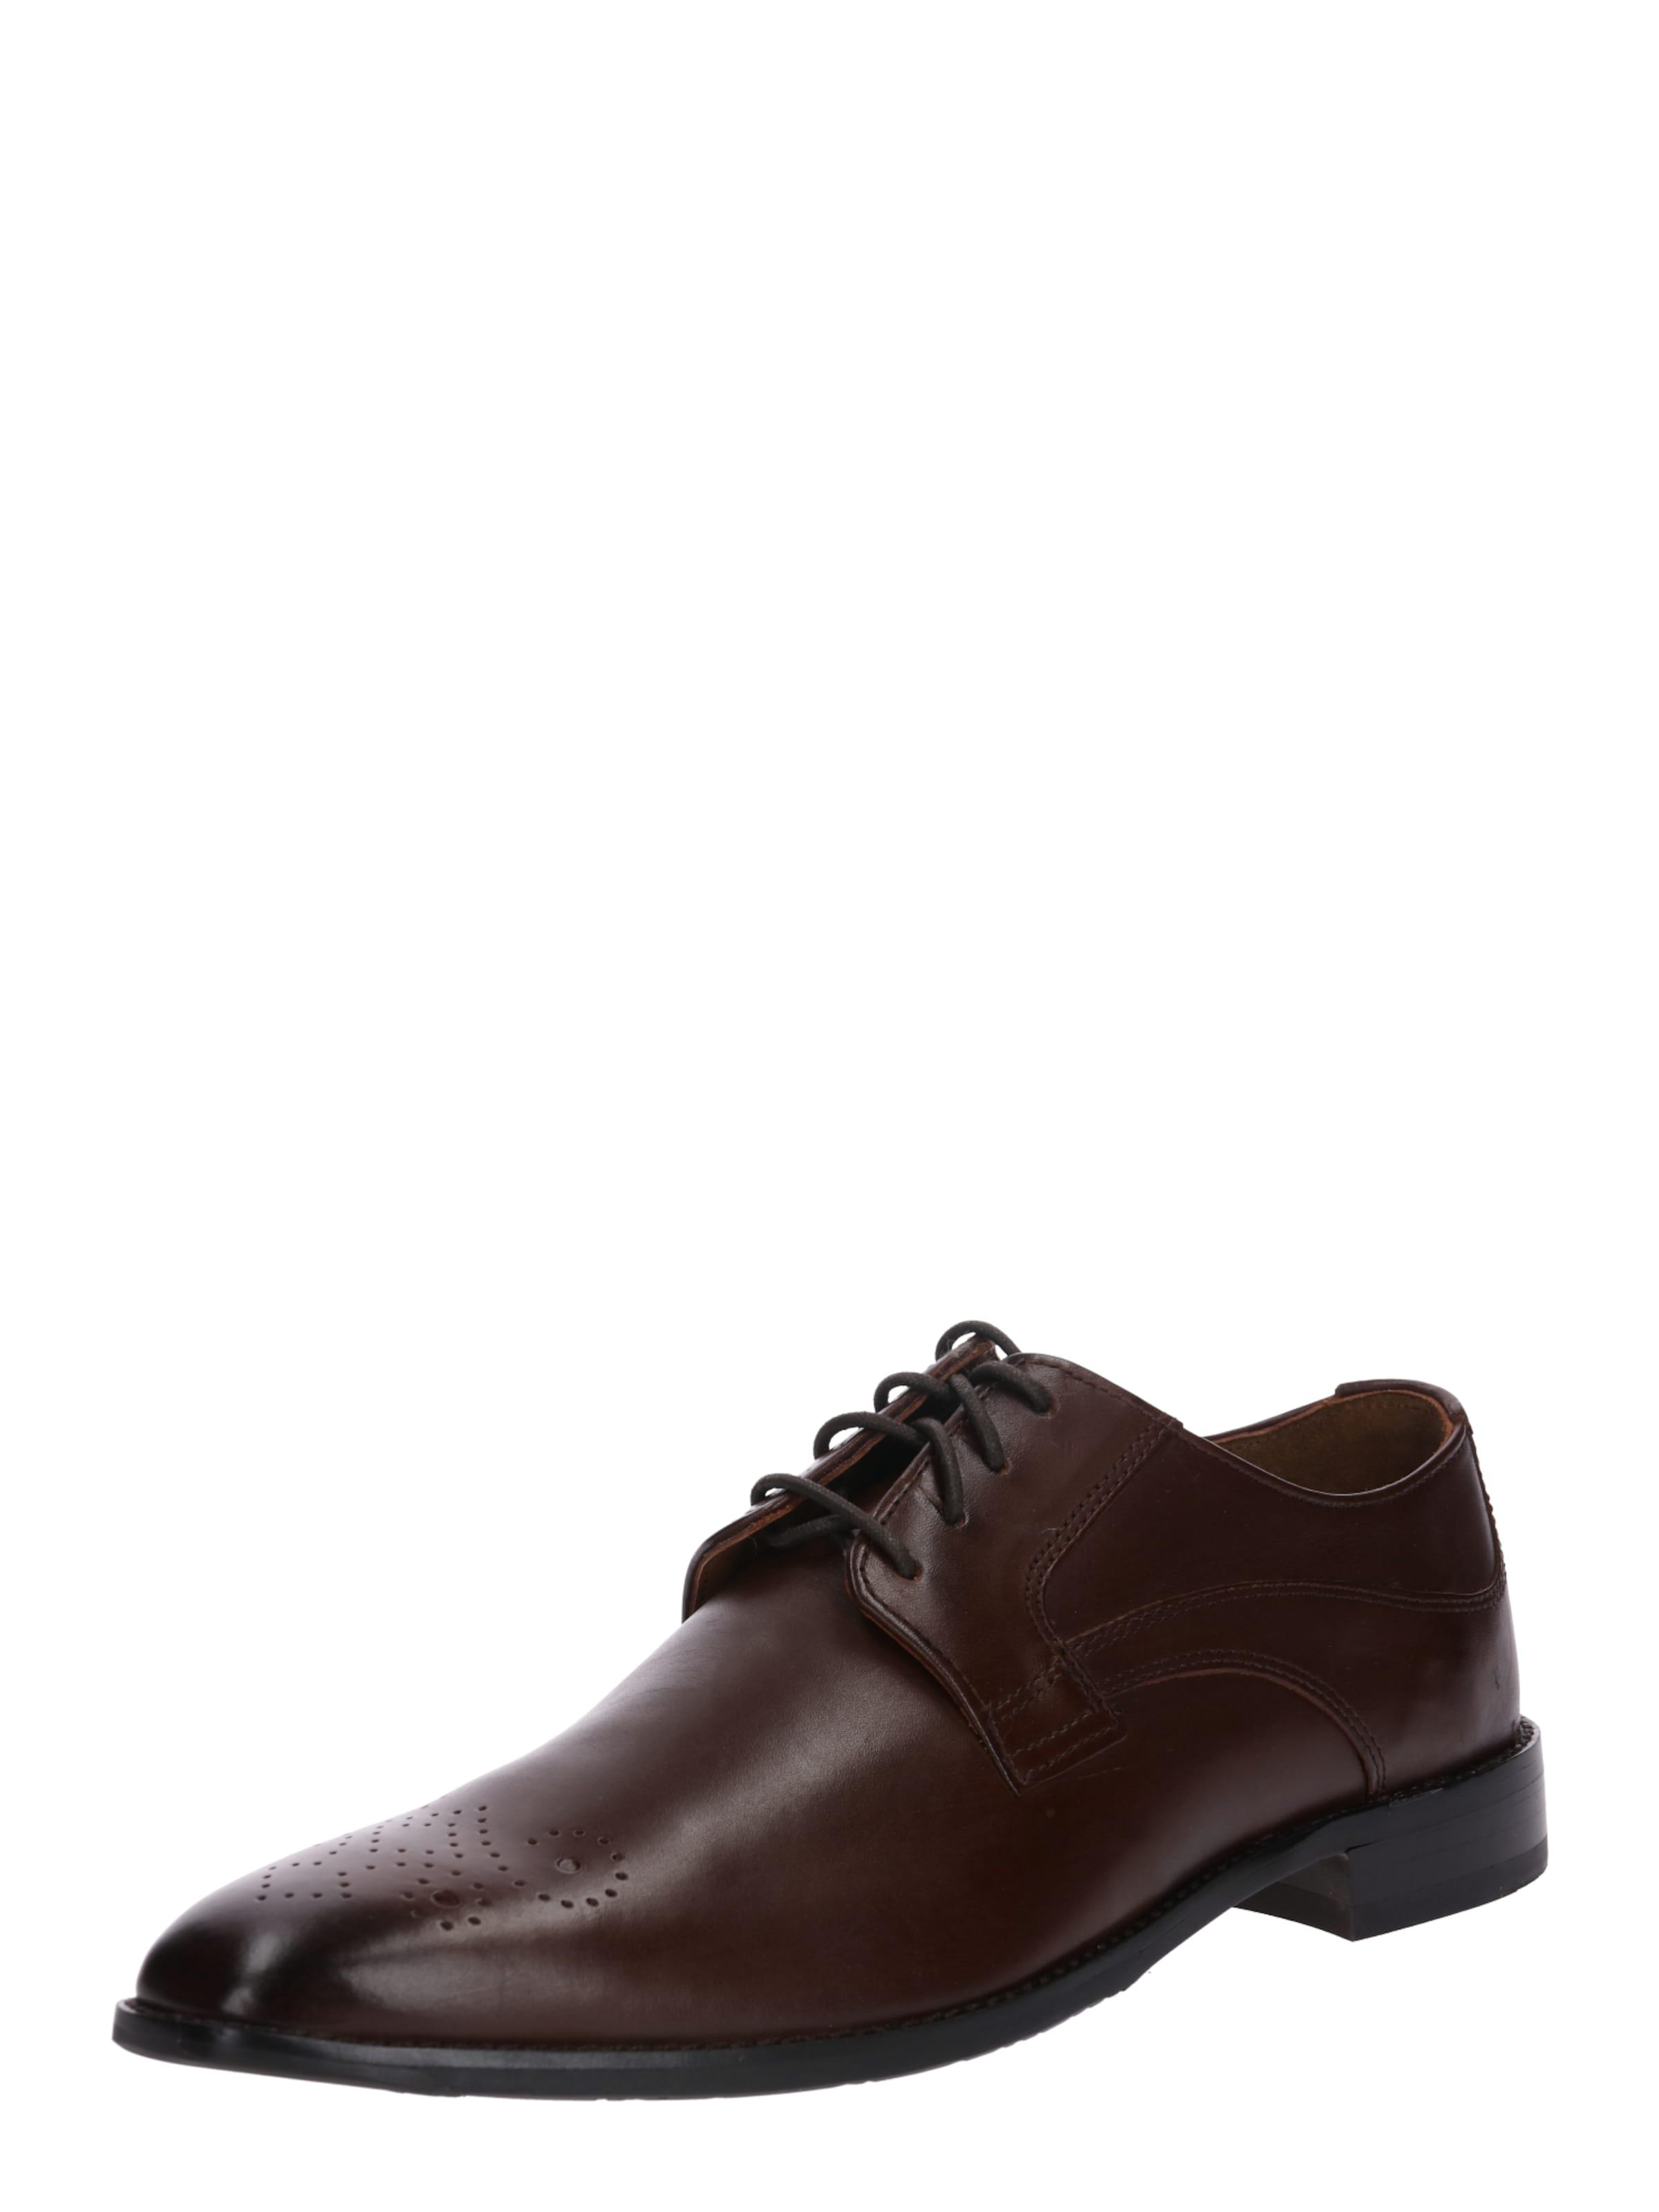 Lacets Chaussure À Gordonamp; 'lorenzo' Bros Brun En Foncé y80nOmwNvP